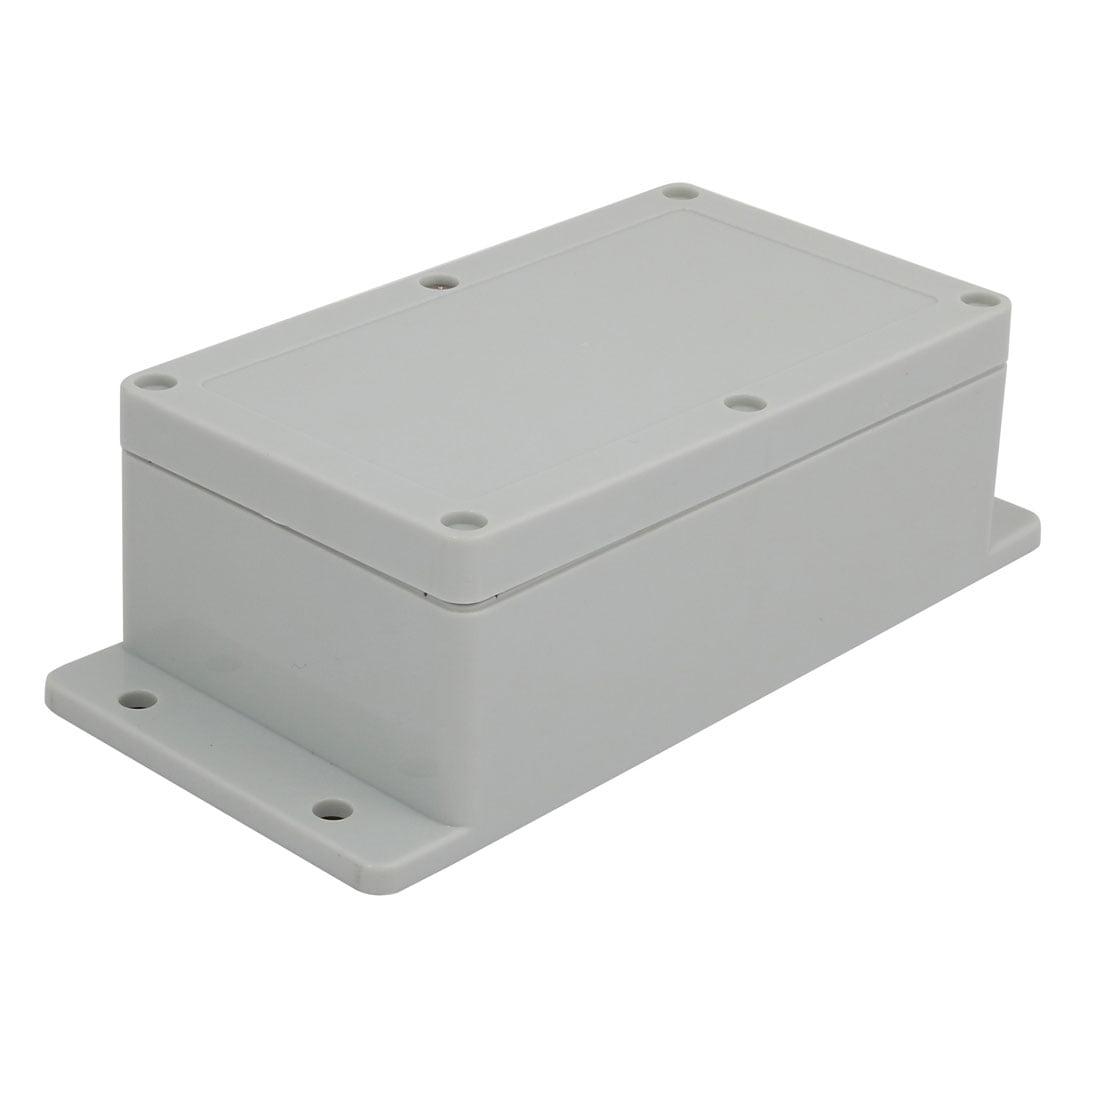 Unique Bargains 158mmx90mmx60mm Electronic ABS Plastic DIY Junction Box Enclosure Case Gray - image 1 de 1